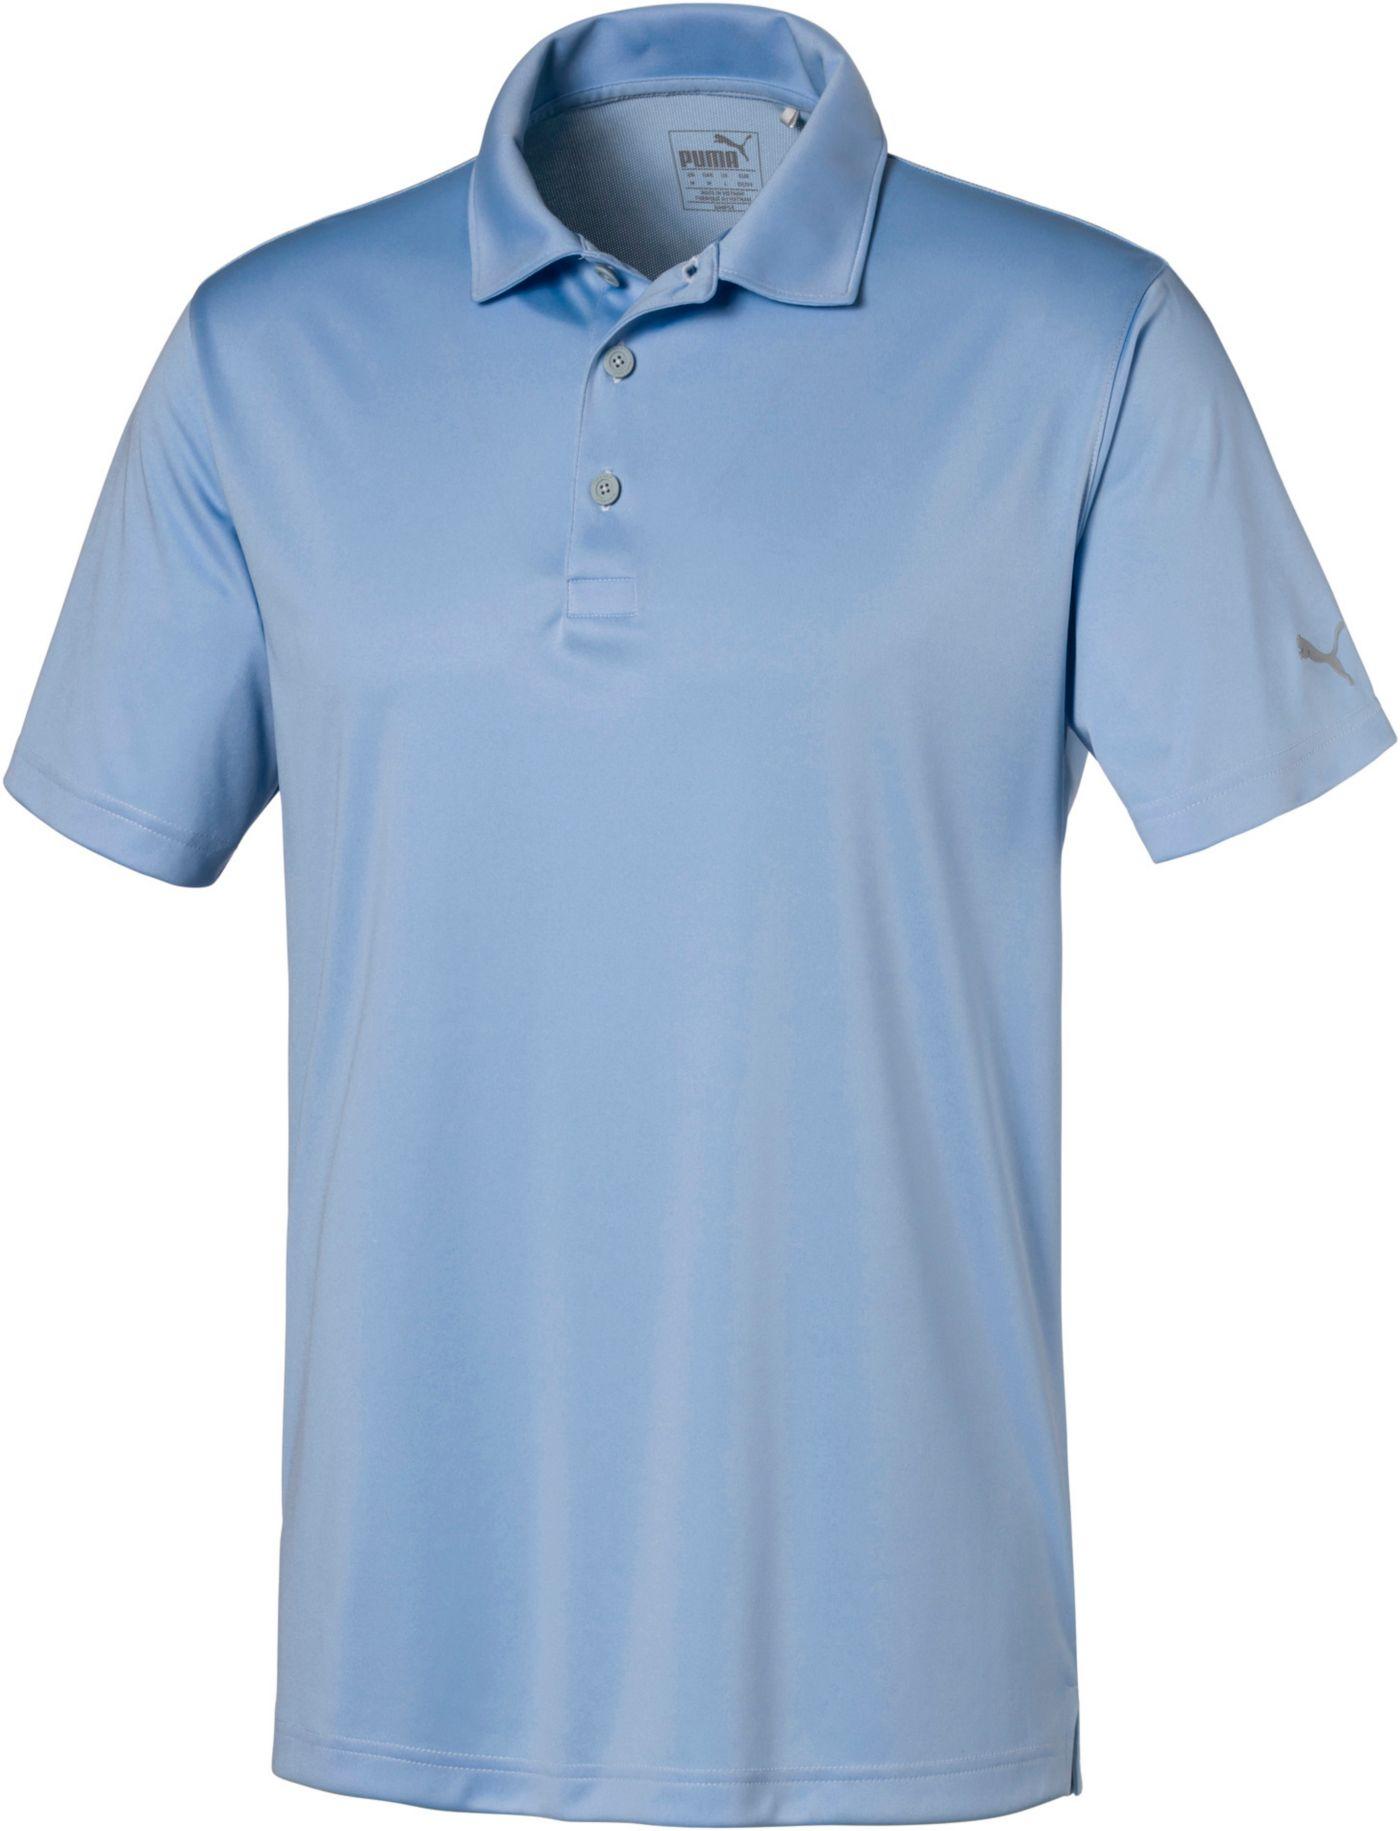 PUMA Men's Rotation Golf Polo